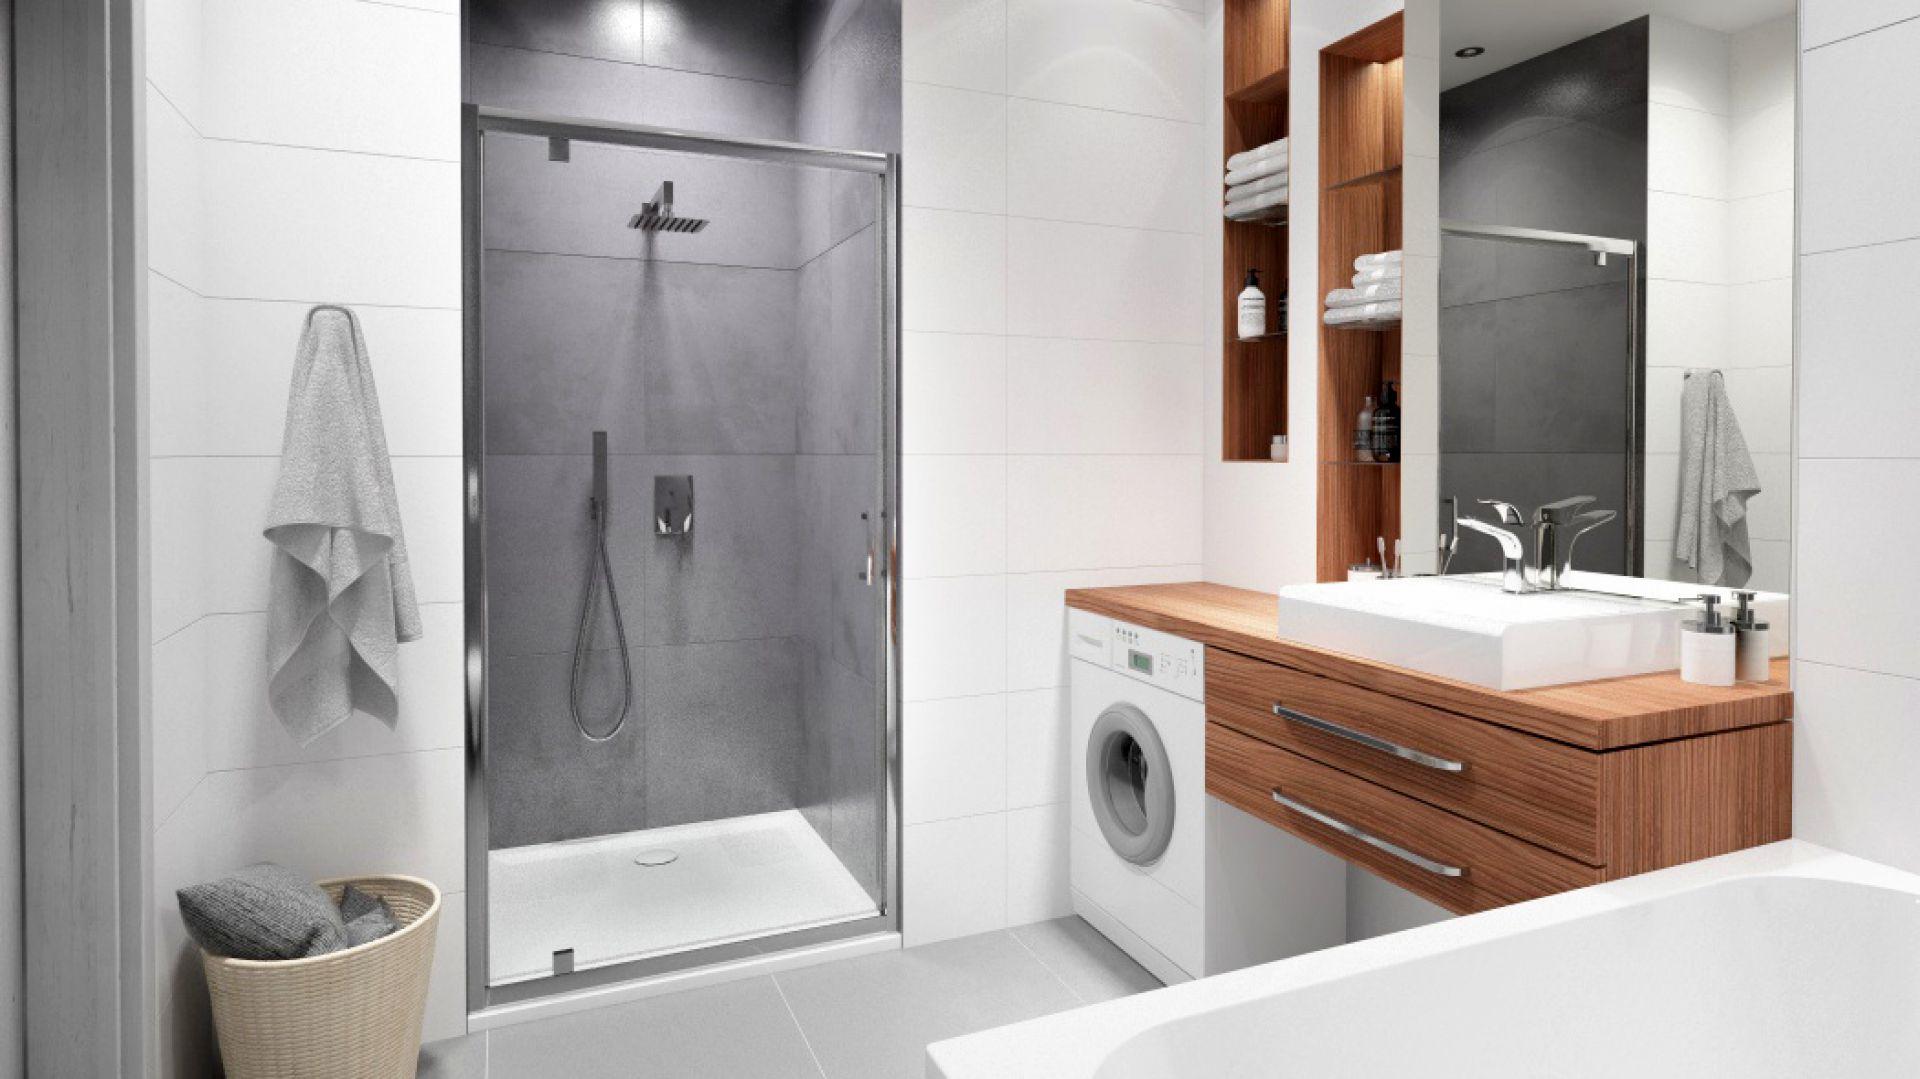 azienka na 5 m kw fot ma a azienka w bloku pomys na urz dzenie. Black Bedroom Furniture Sets. Home Design Ideas